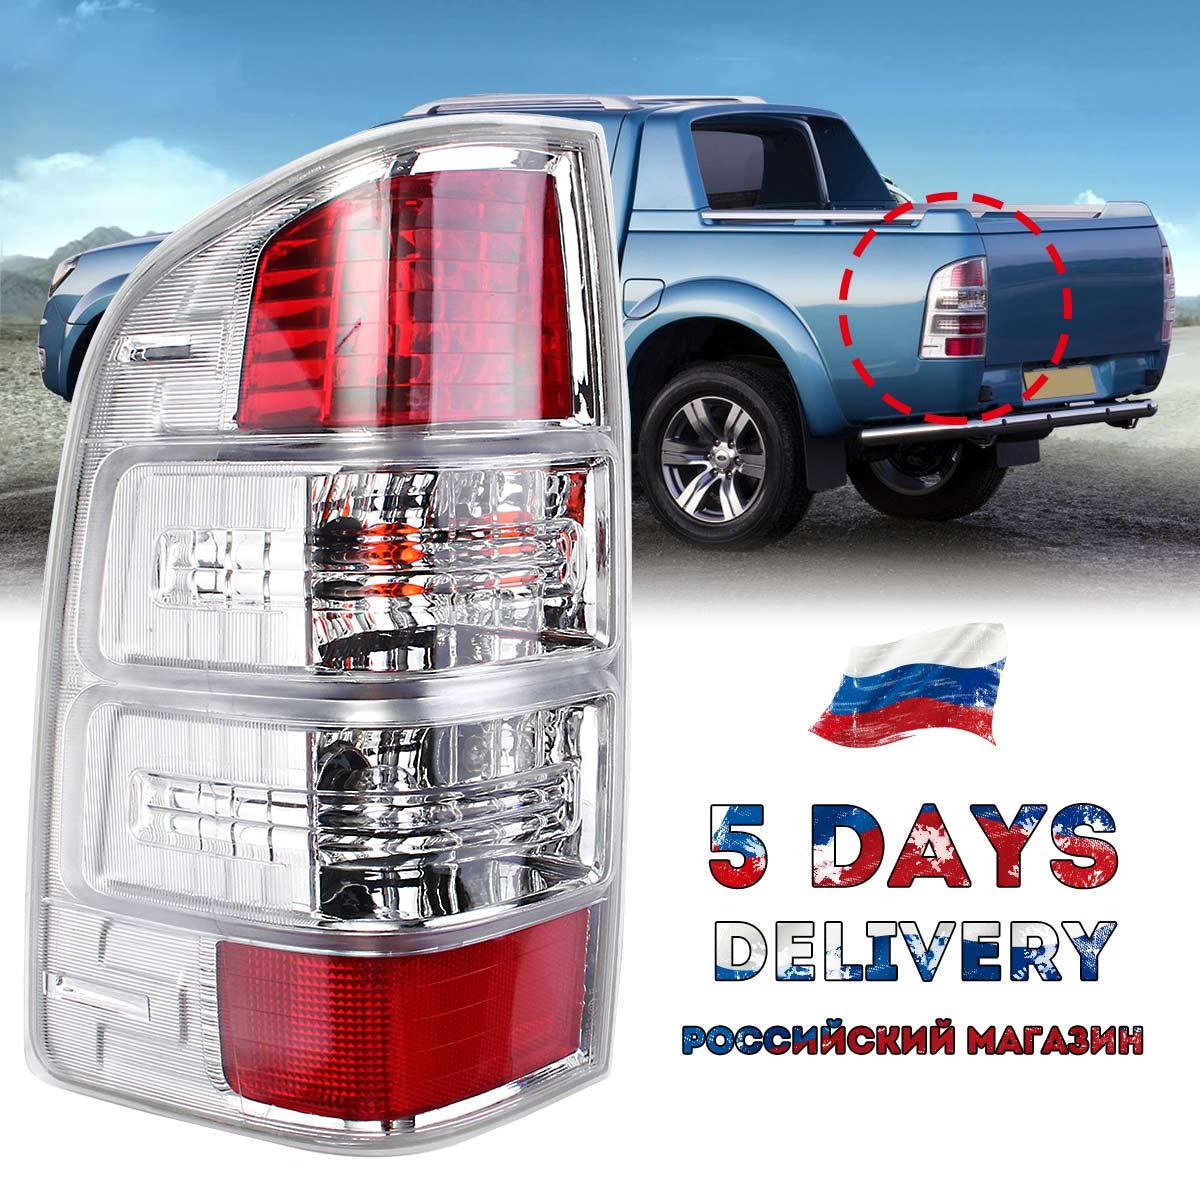 Feu arrière LED feu arrière gauche/droit lampe de tête de style de voiture lampe arrière avec faisceau d'ampoule pour Ford Ranger pick-up Ute 2008-11